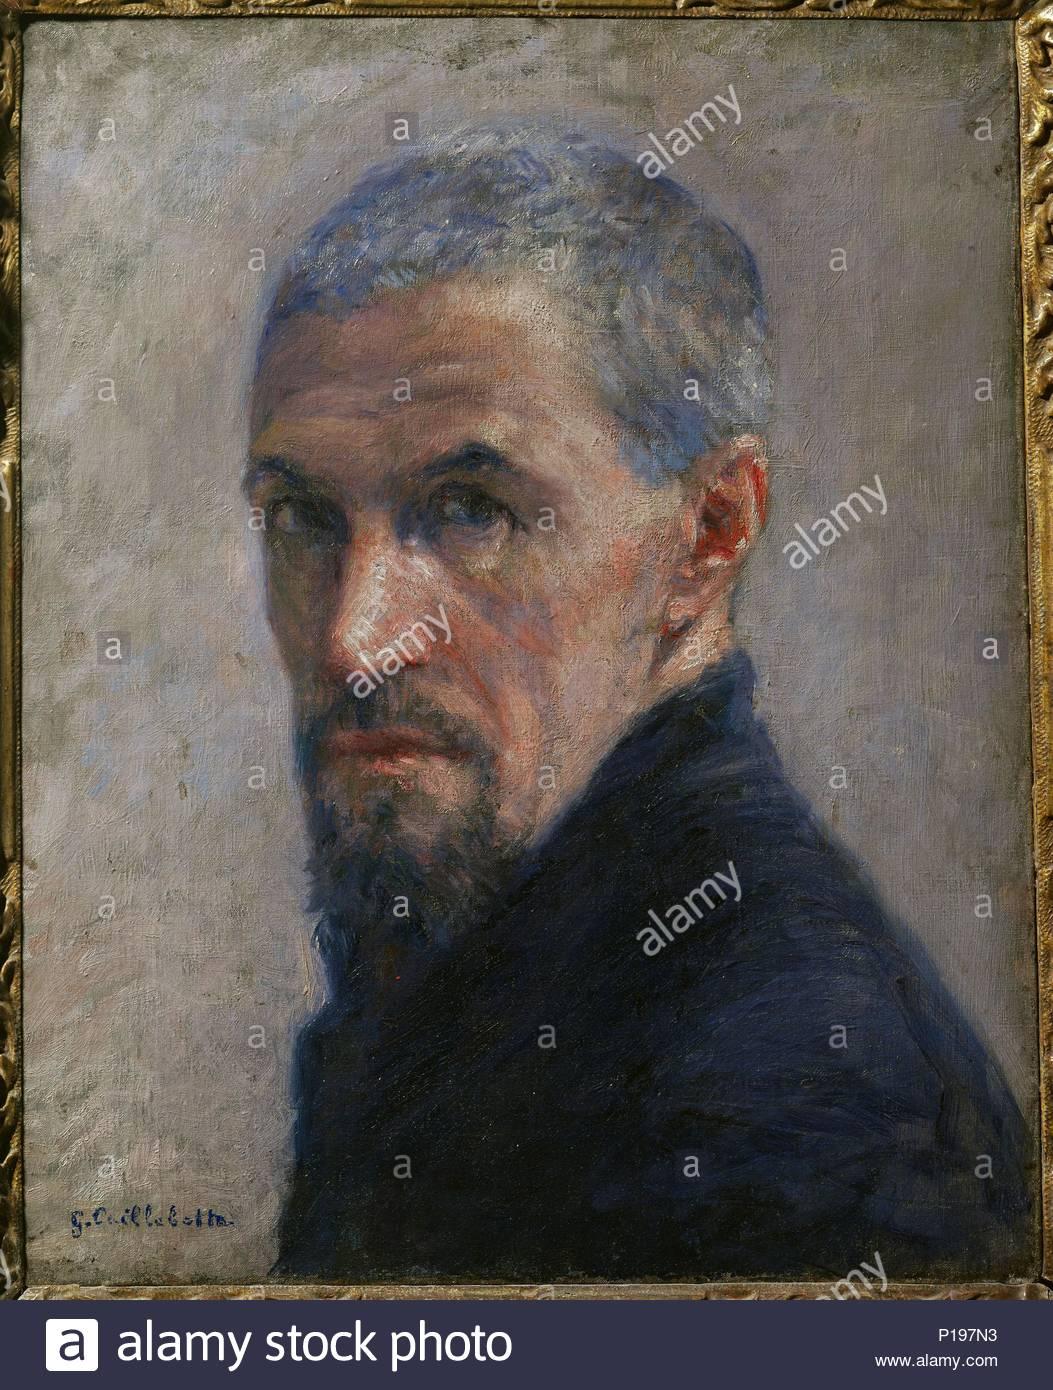 Portrait de l'artiste-selfportrait, around 1889. Canvas,40,5 x 32,5 cm R. F.1971-14. Author: Gustave Caillebotte (1848-1894). Location: Musee d'Orsay, Paris, France. - Stock Image